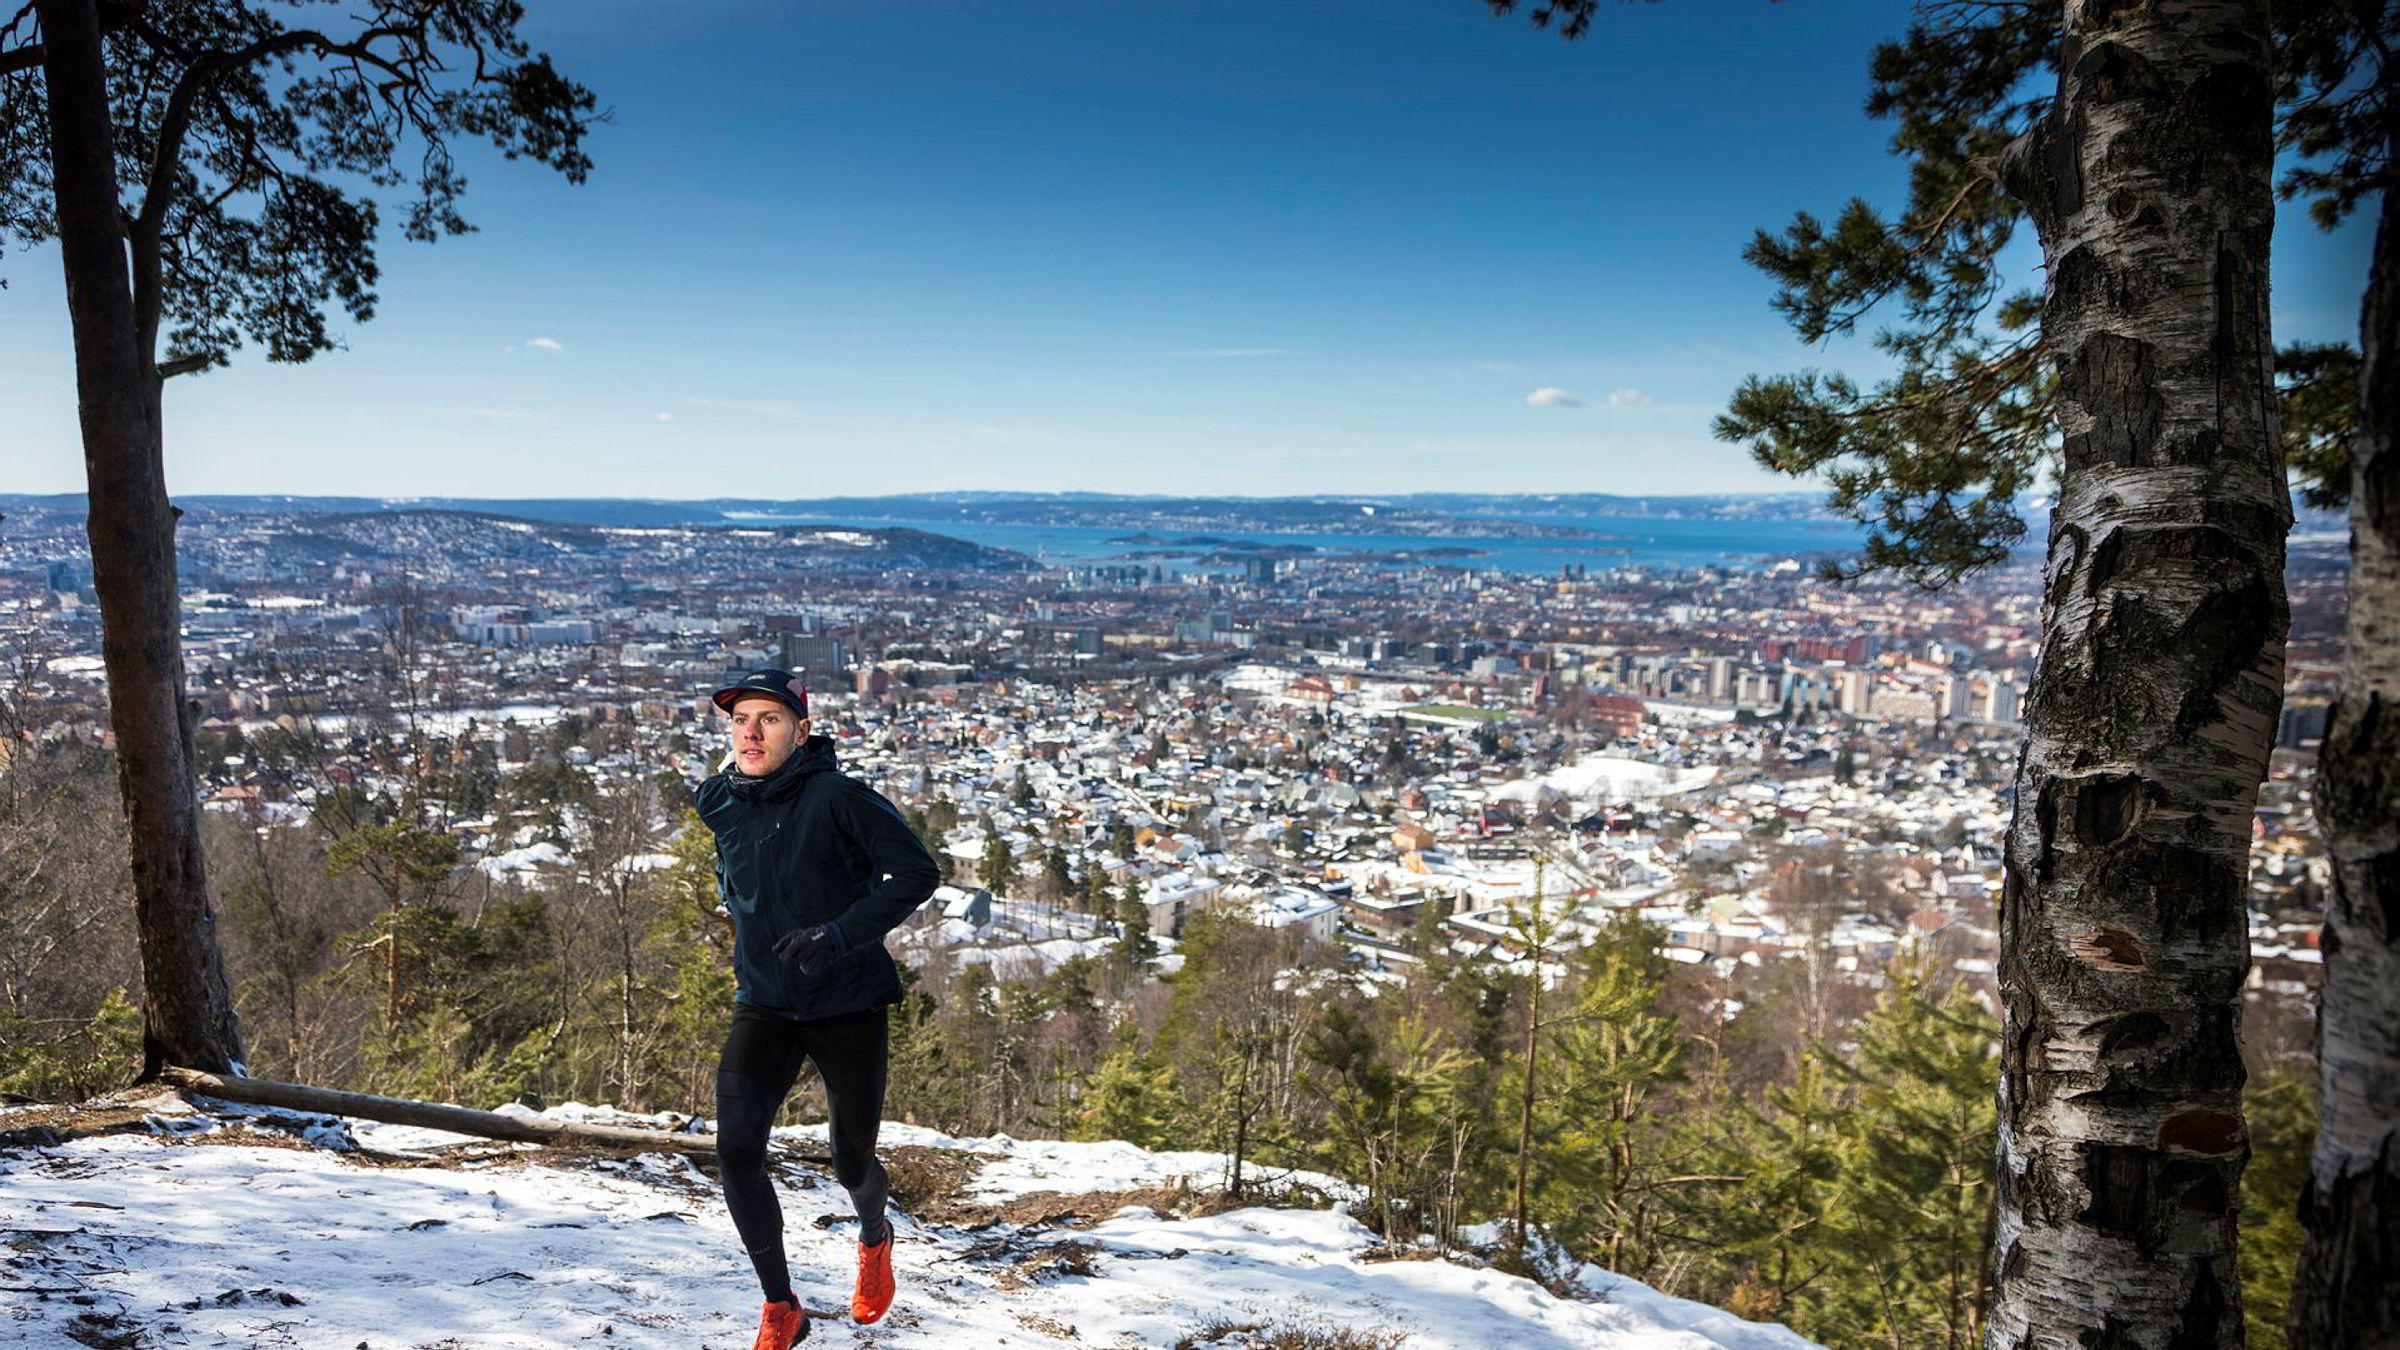 Hans Kristian Smedsrød løper på en av stiene som holdes vinteråpen av ham og løpemiljøet opp mot Grefsenkollen. Hans Kristian Smedsrød dro i februar tre uker til Etiopia for å trene langt unna snøen og endte med å trene sammen med noen av verdens beste løpere.